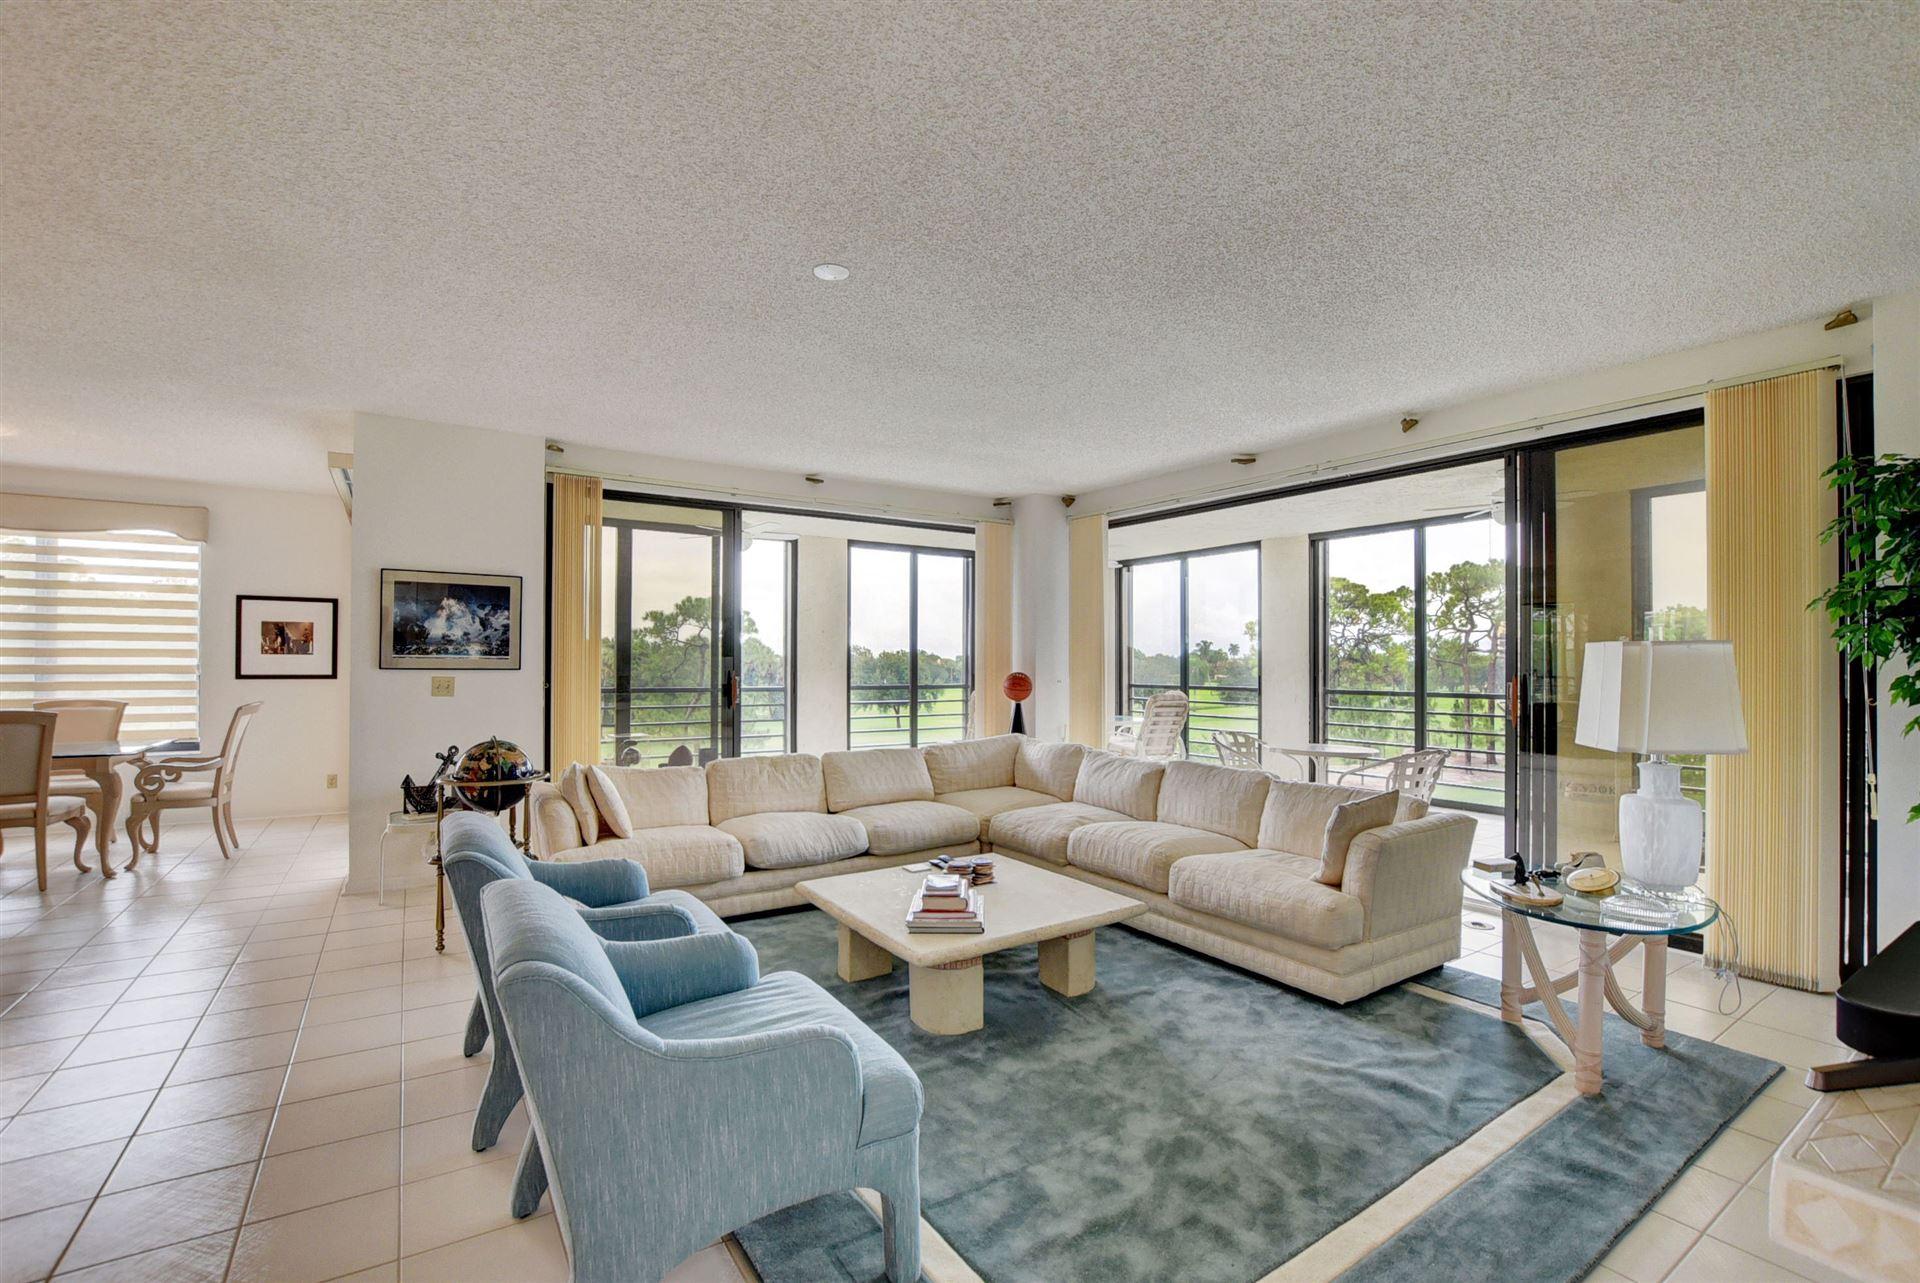 7351 Promenade Drive #302 F, Boca Raton, FL 33433 - #: RX-10641033